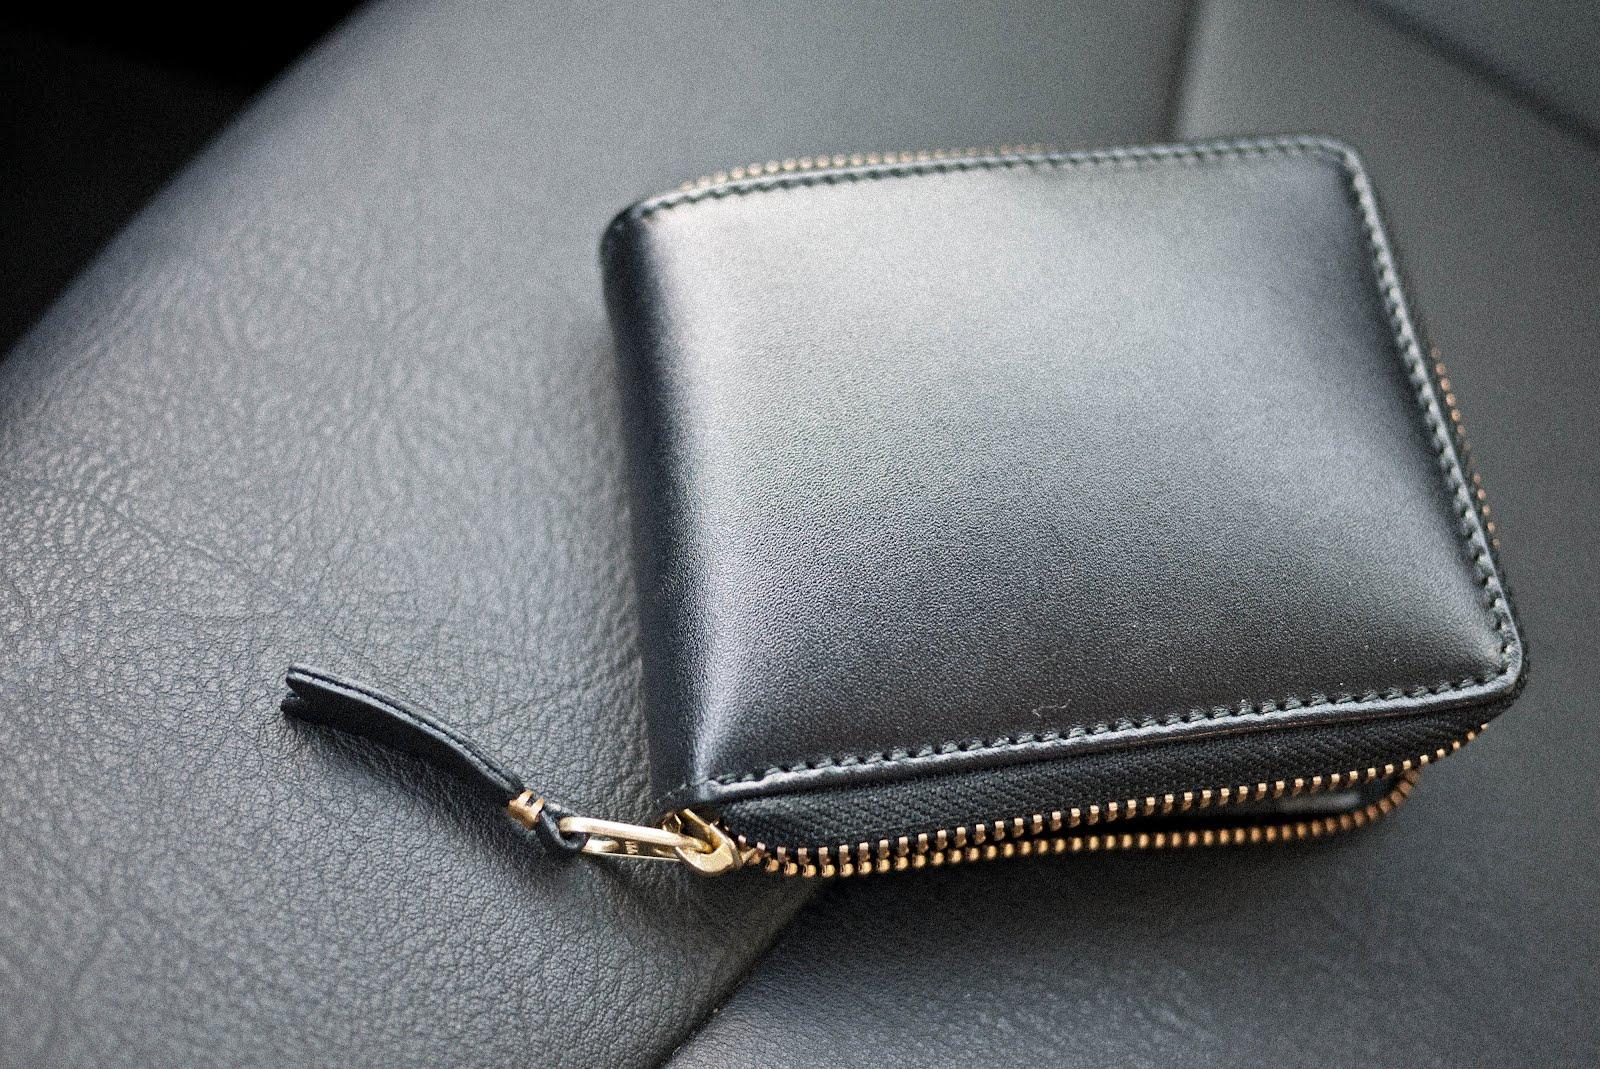 Comme Des Garcons Accessories | Commes Des Garcons Wallet | Neon Purse